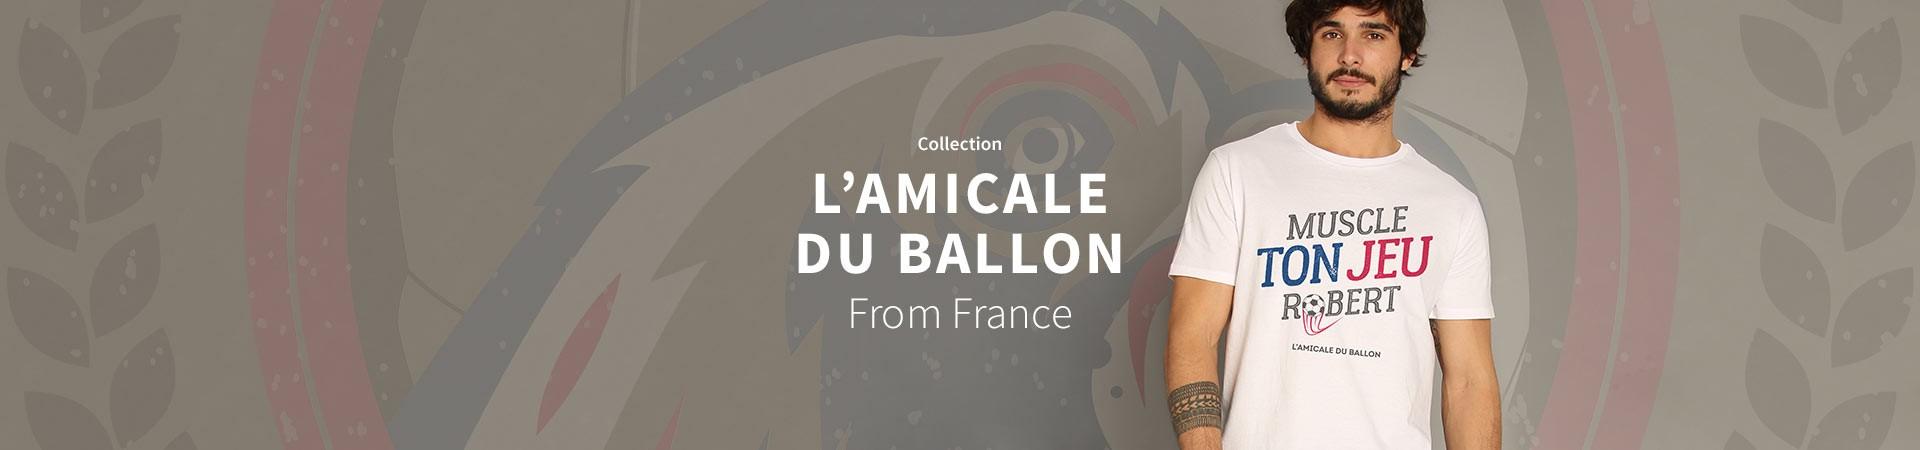 L'Amicale du Ballon